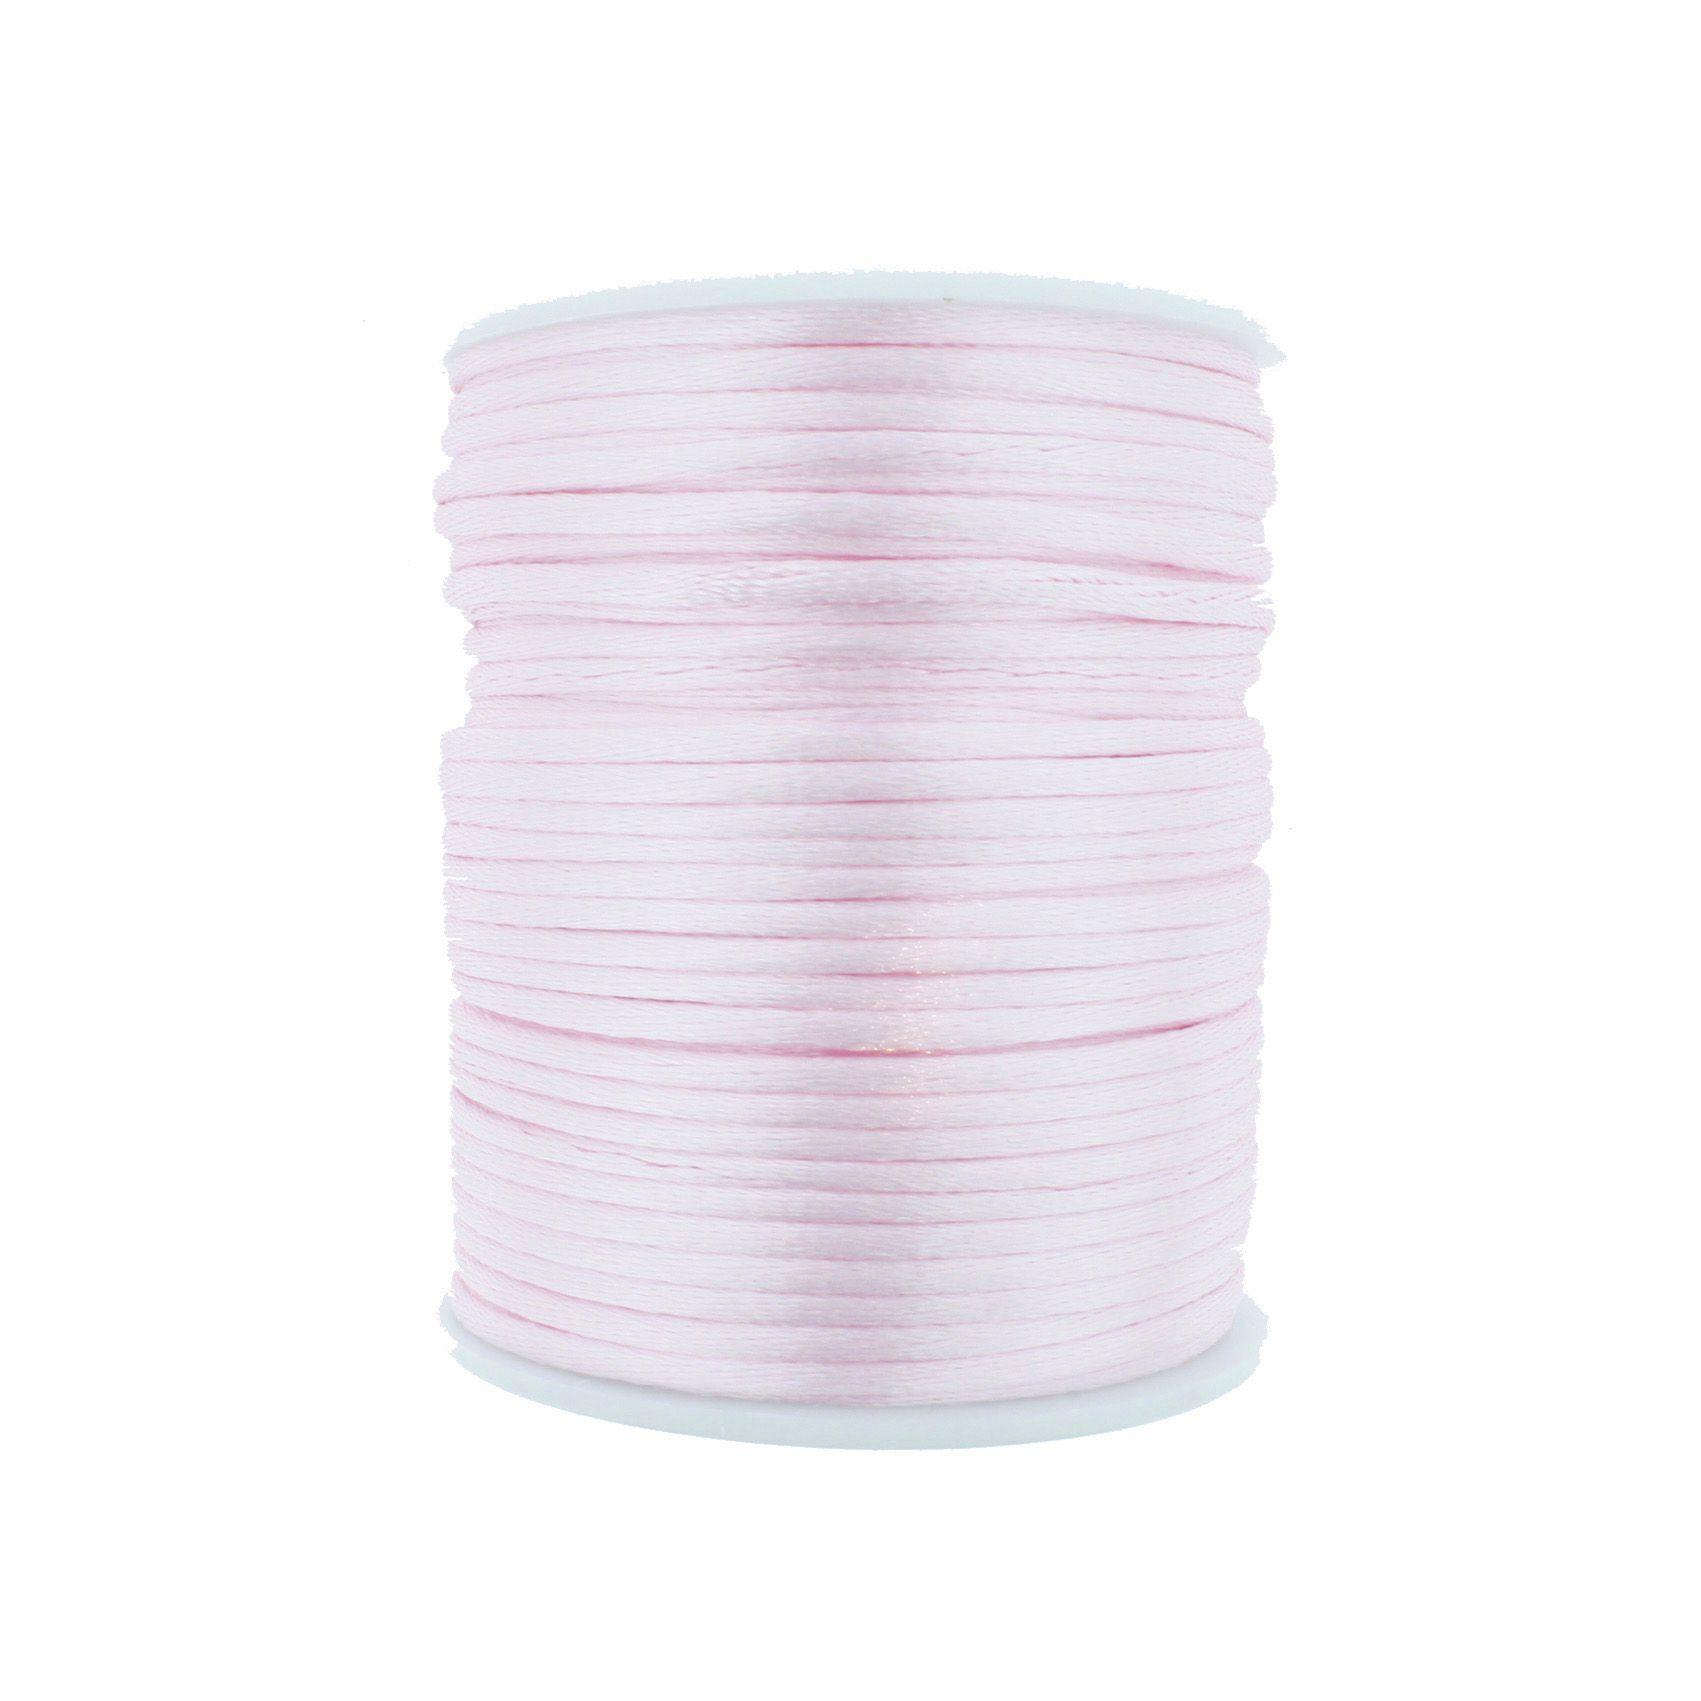 Cordão de Seda - Rosa - 2mm  - Stéphanie Bijoux® - Peças para Bijuterias e Artesanato